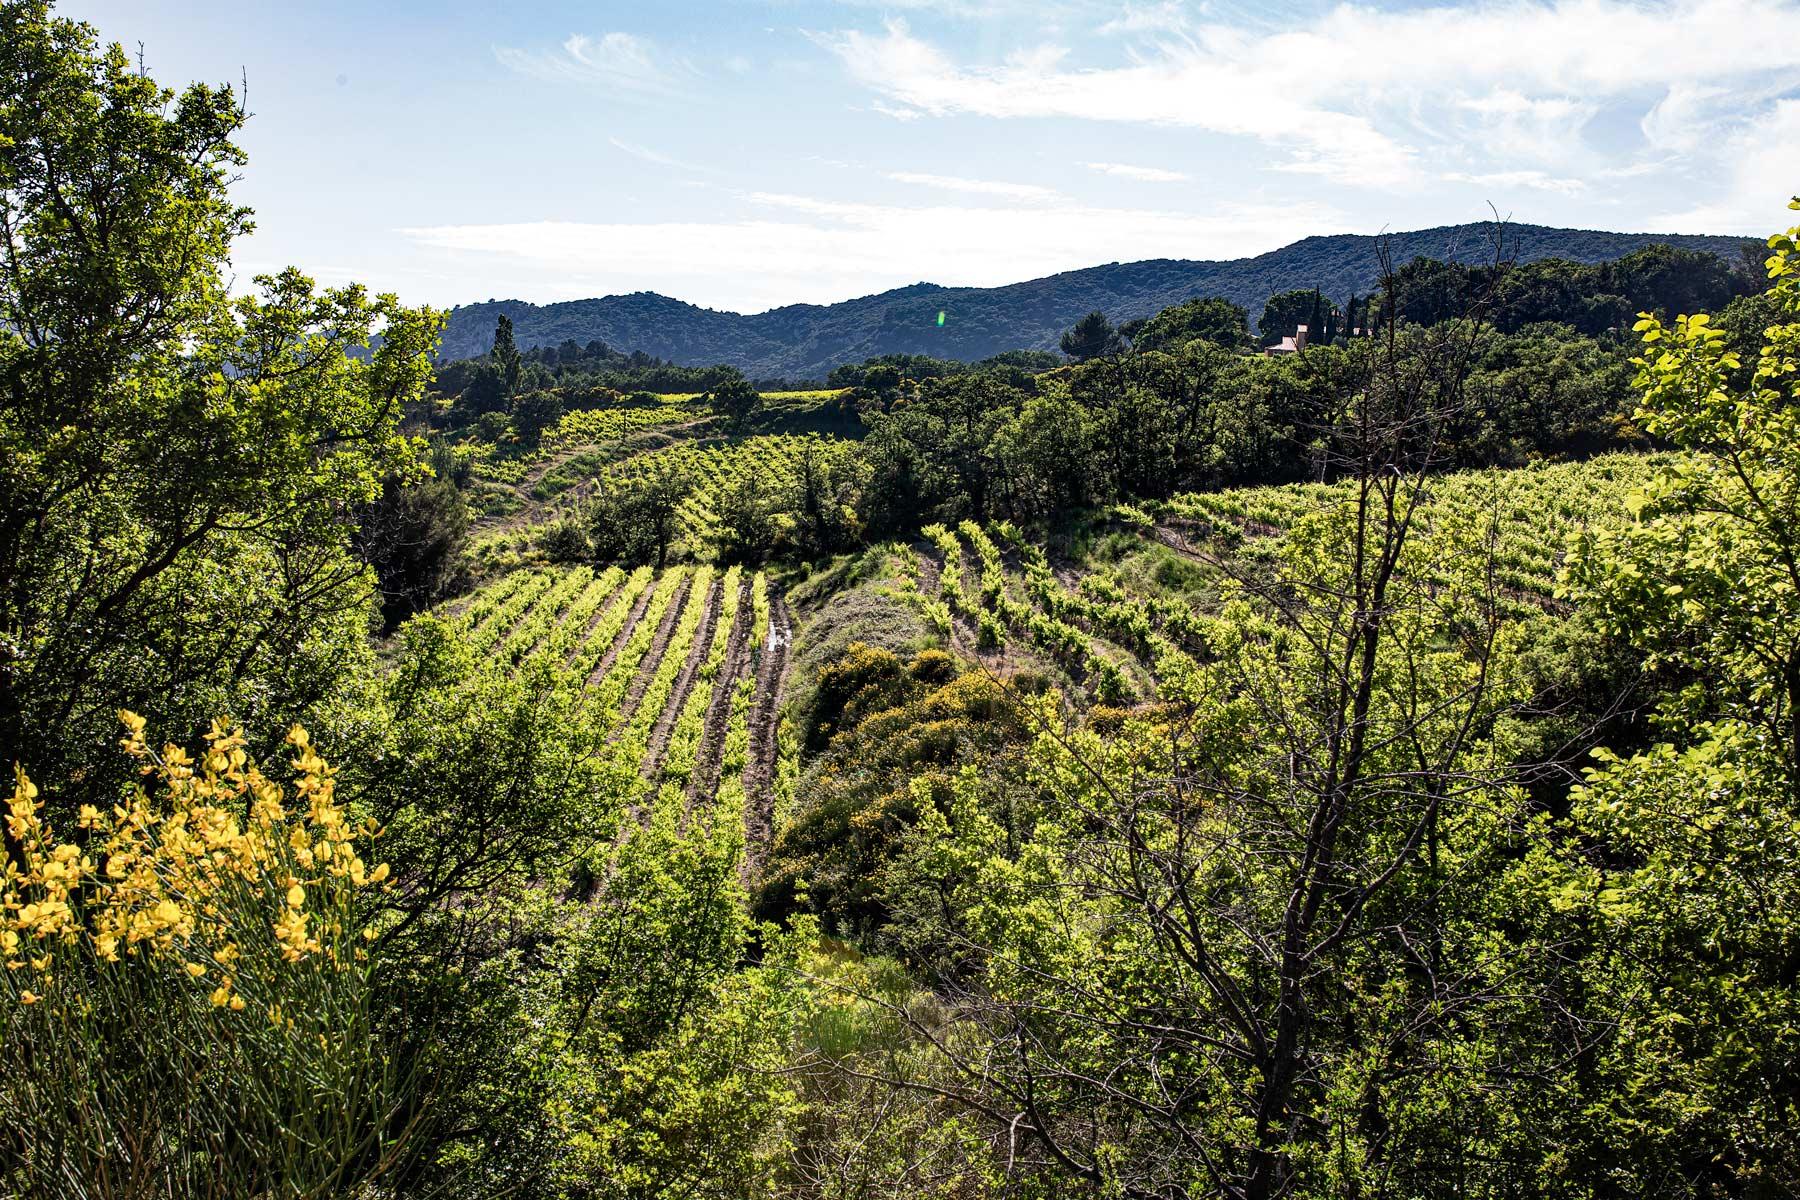 Eingebettet in eine intakte Natur liegen die abgeschiedenen Weinberge von Cassan